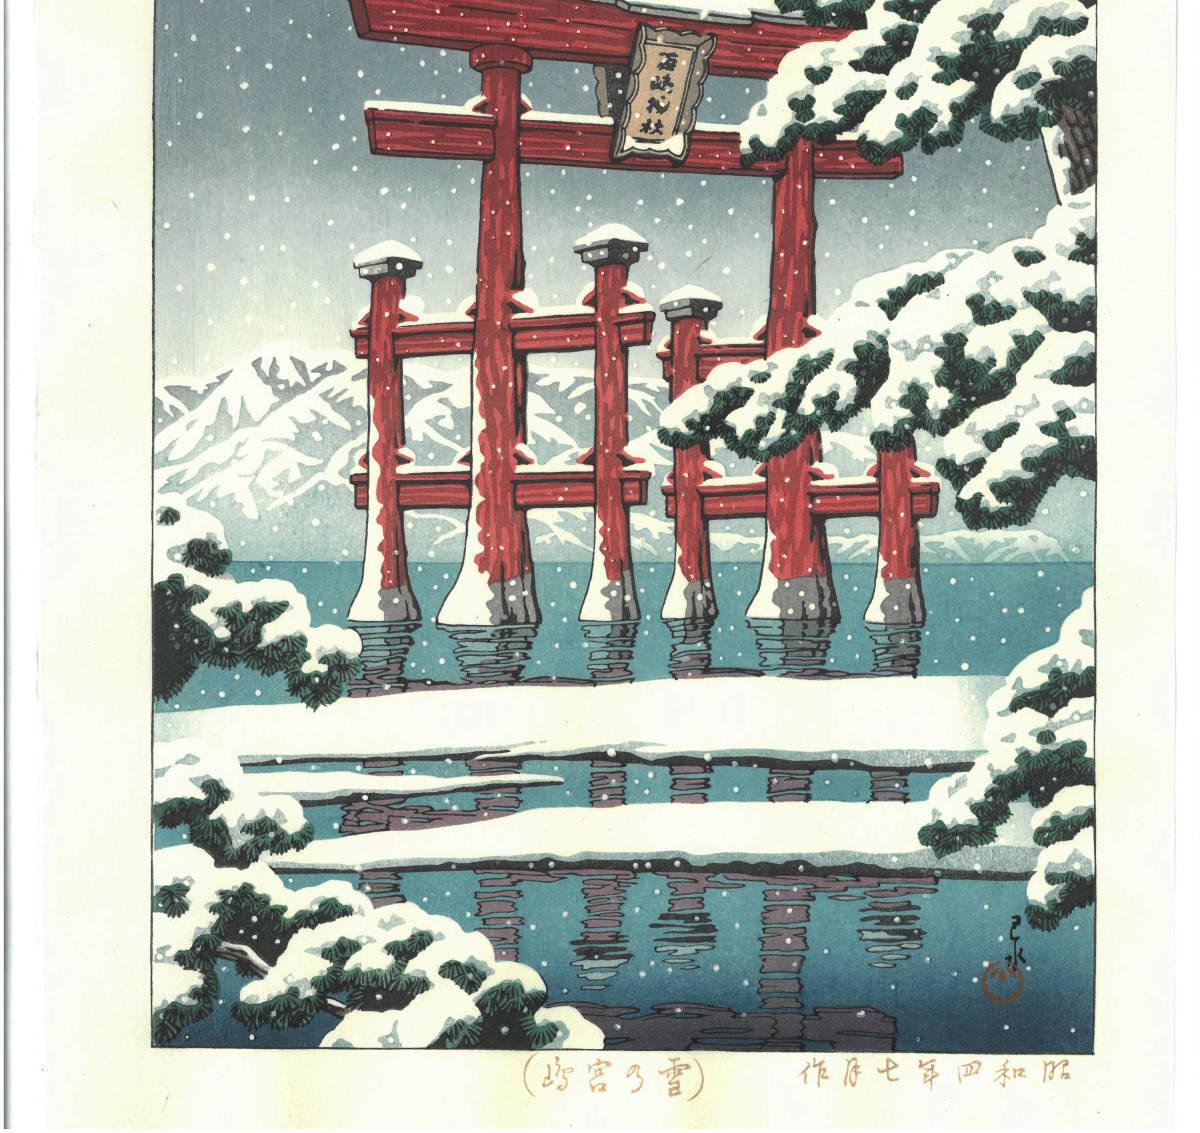 川瀬巴水 木版画 HKS-2  雪の宮島 初版 1929年 昭和4年 (新版画) 最高峰の摺師による貴重な巴水木版画を堪能下さい!!_画像5